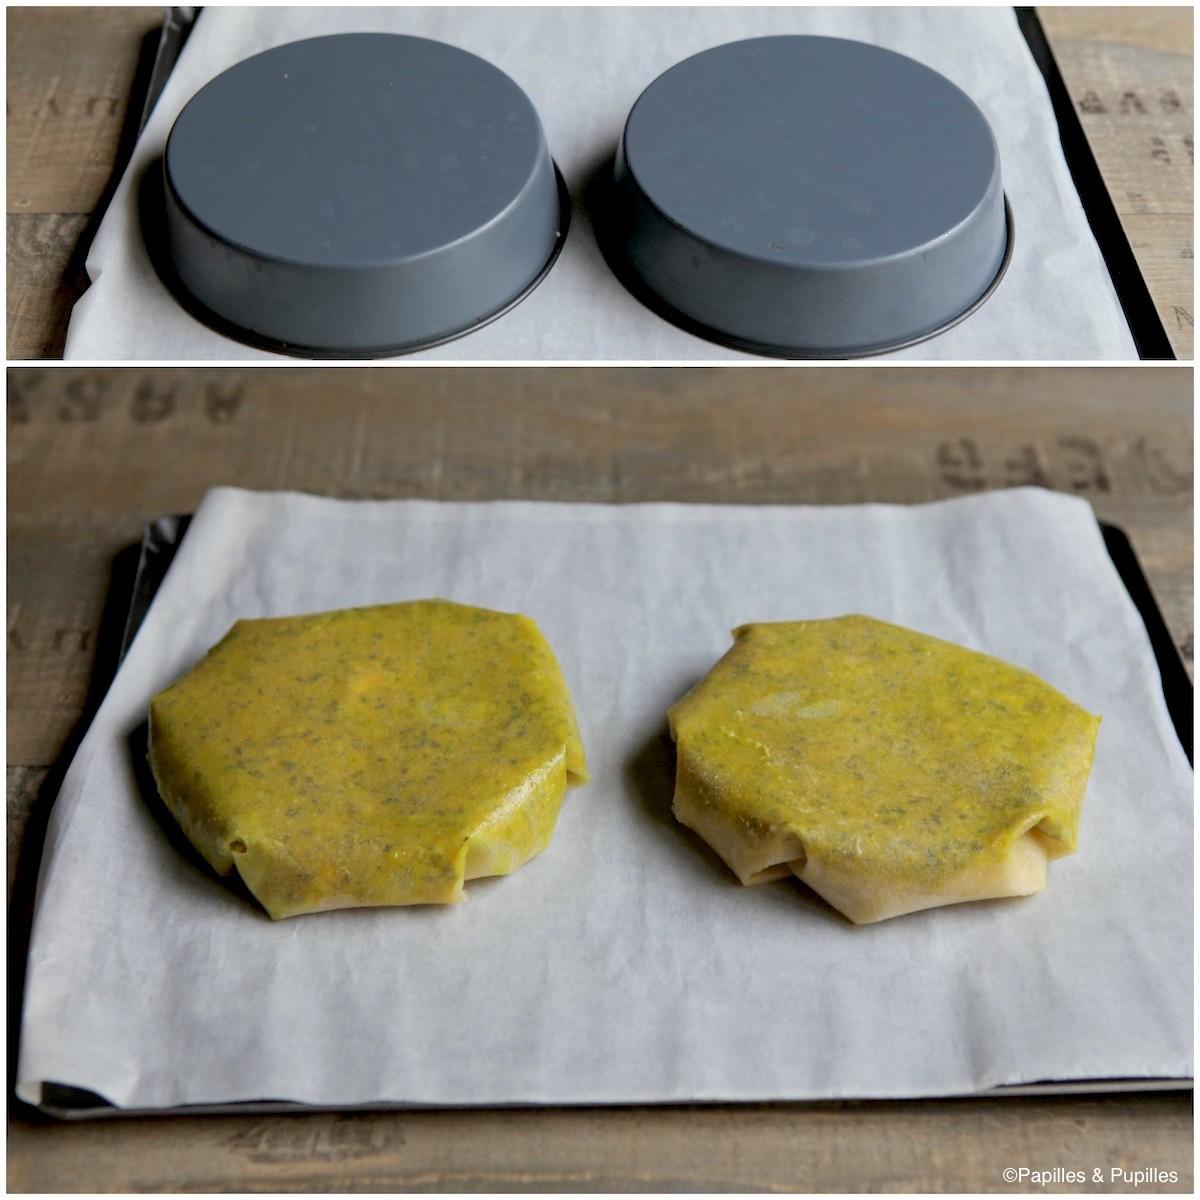 Pastilla - Retournez sur une plaque de cuisson